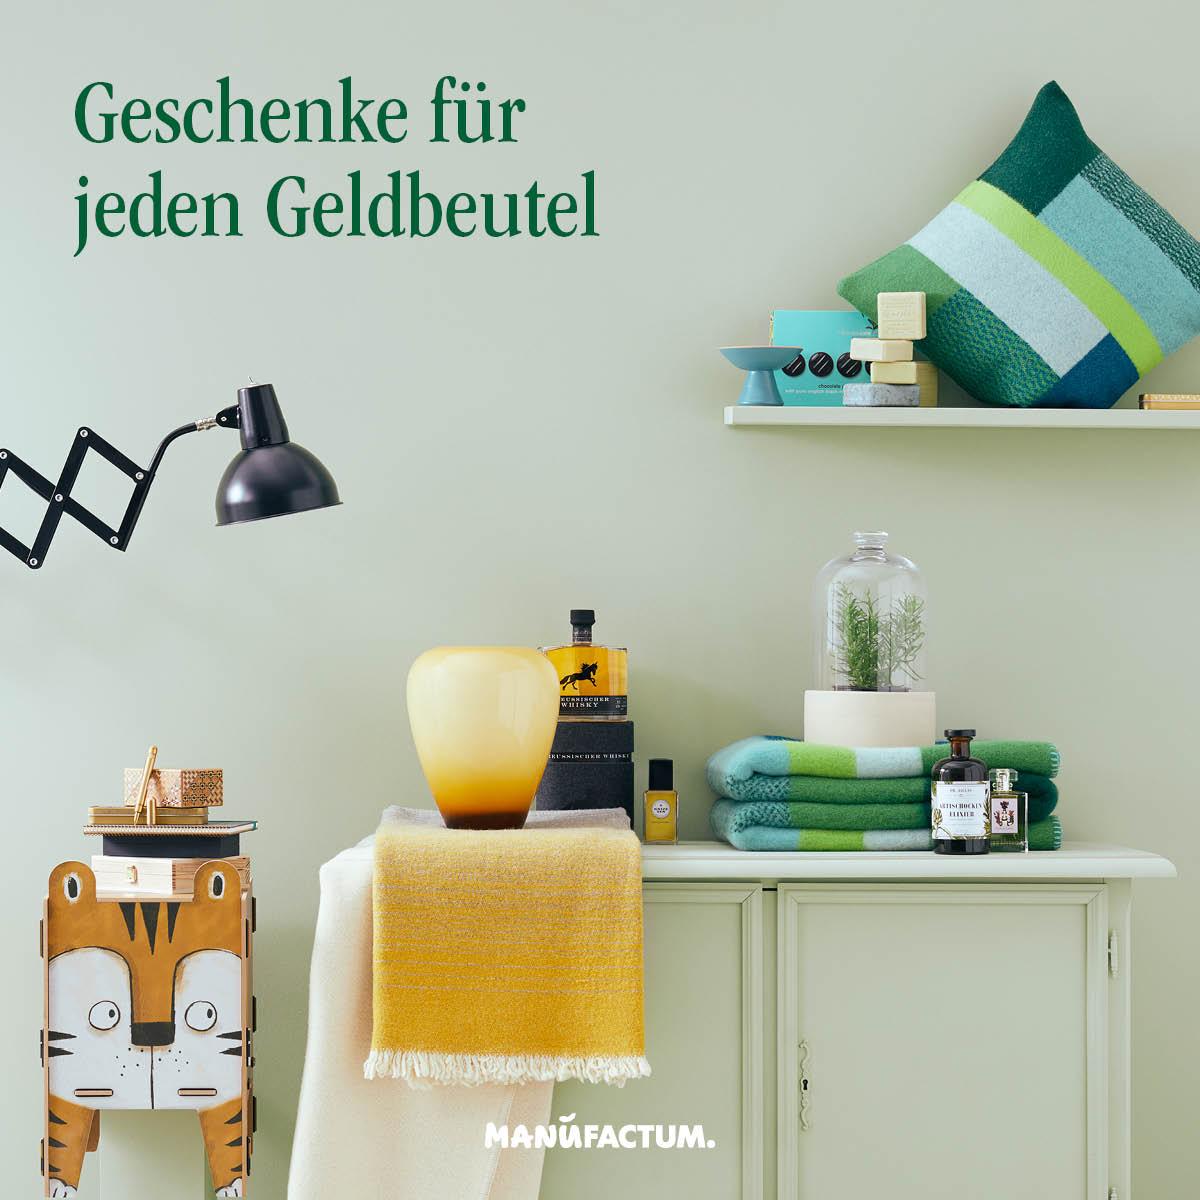 171020_Für_jeden_Gedlbeutel